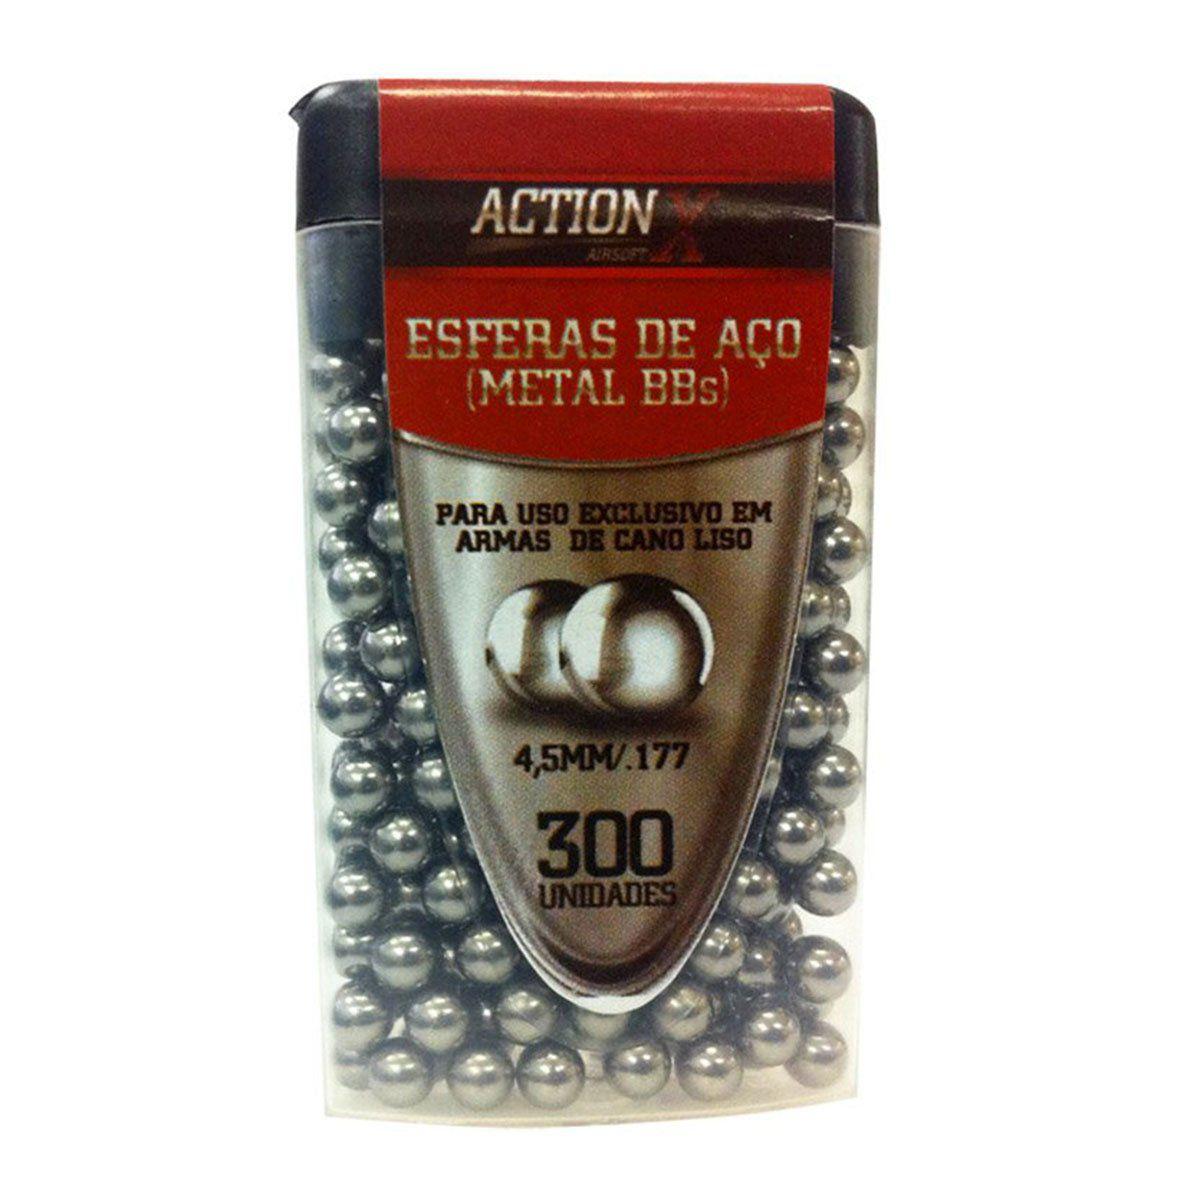 Esfera de Aco Ammo Actionx Cal 4,5MM EMB.300 UN.